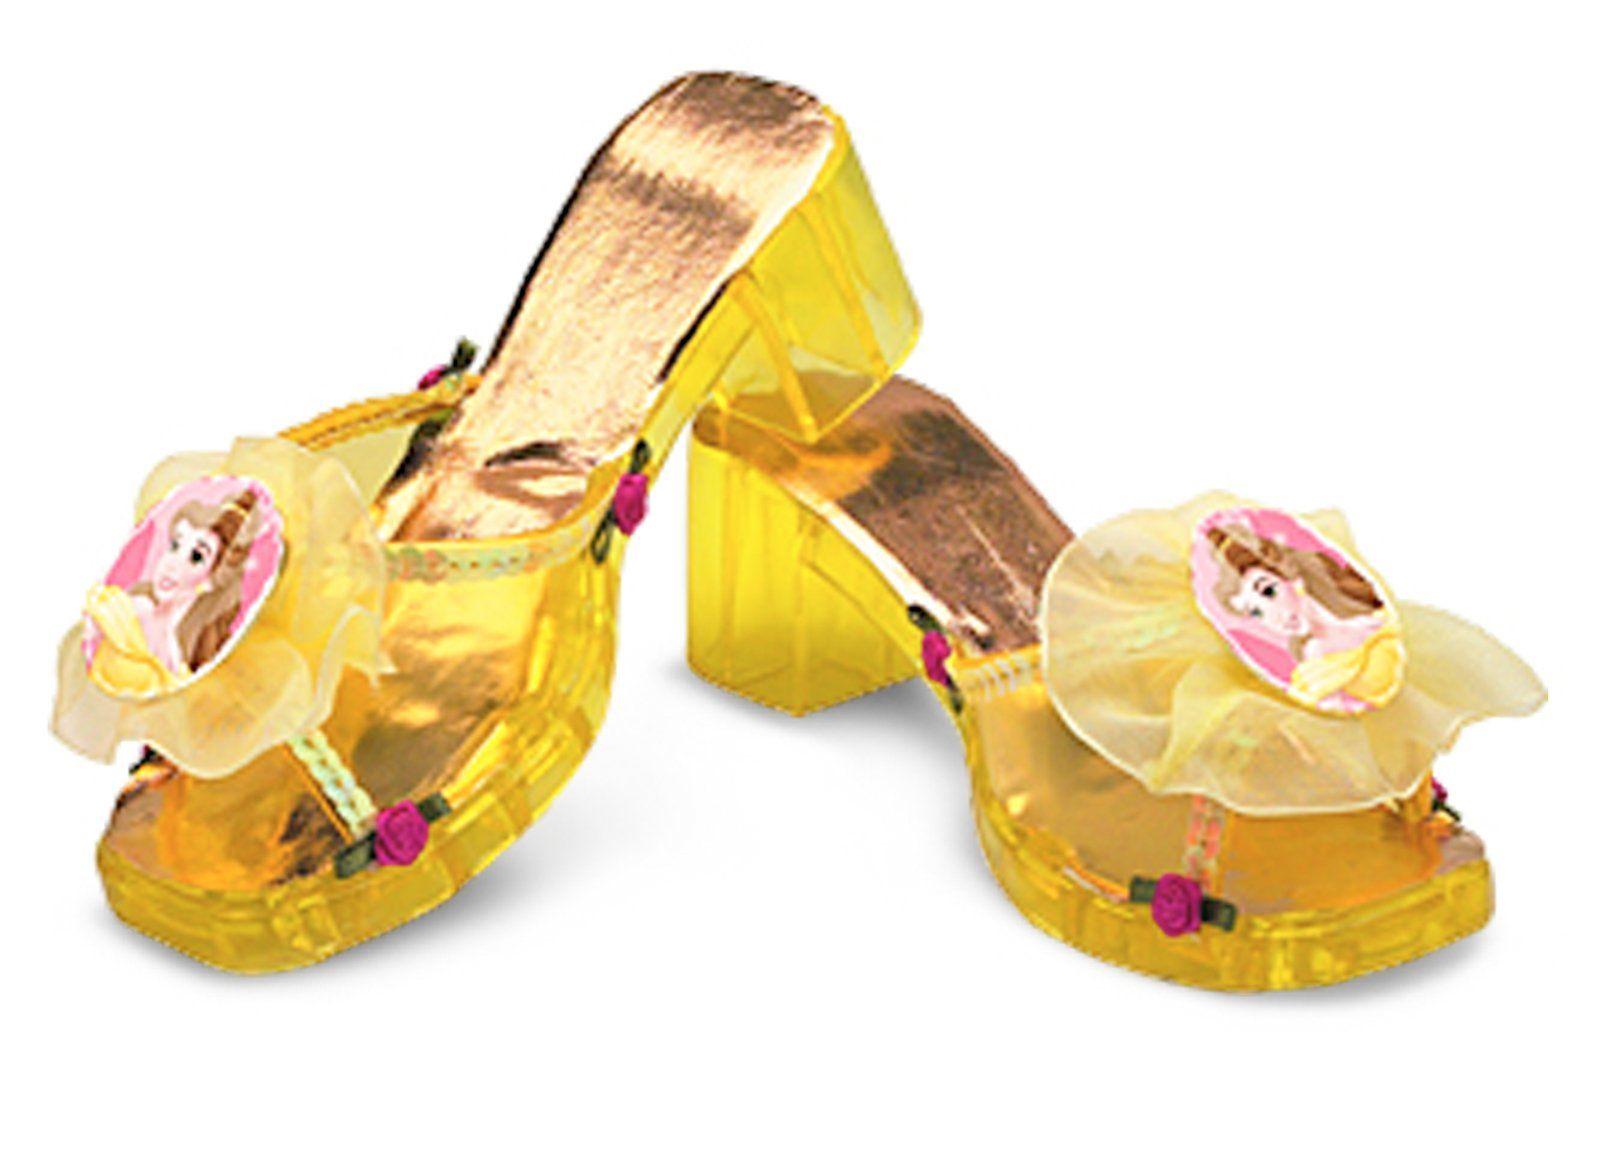 Belle costume shoes   Disney princess